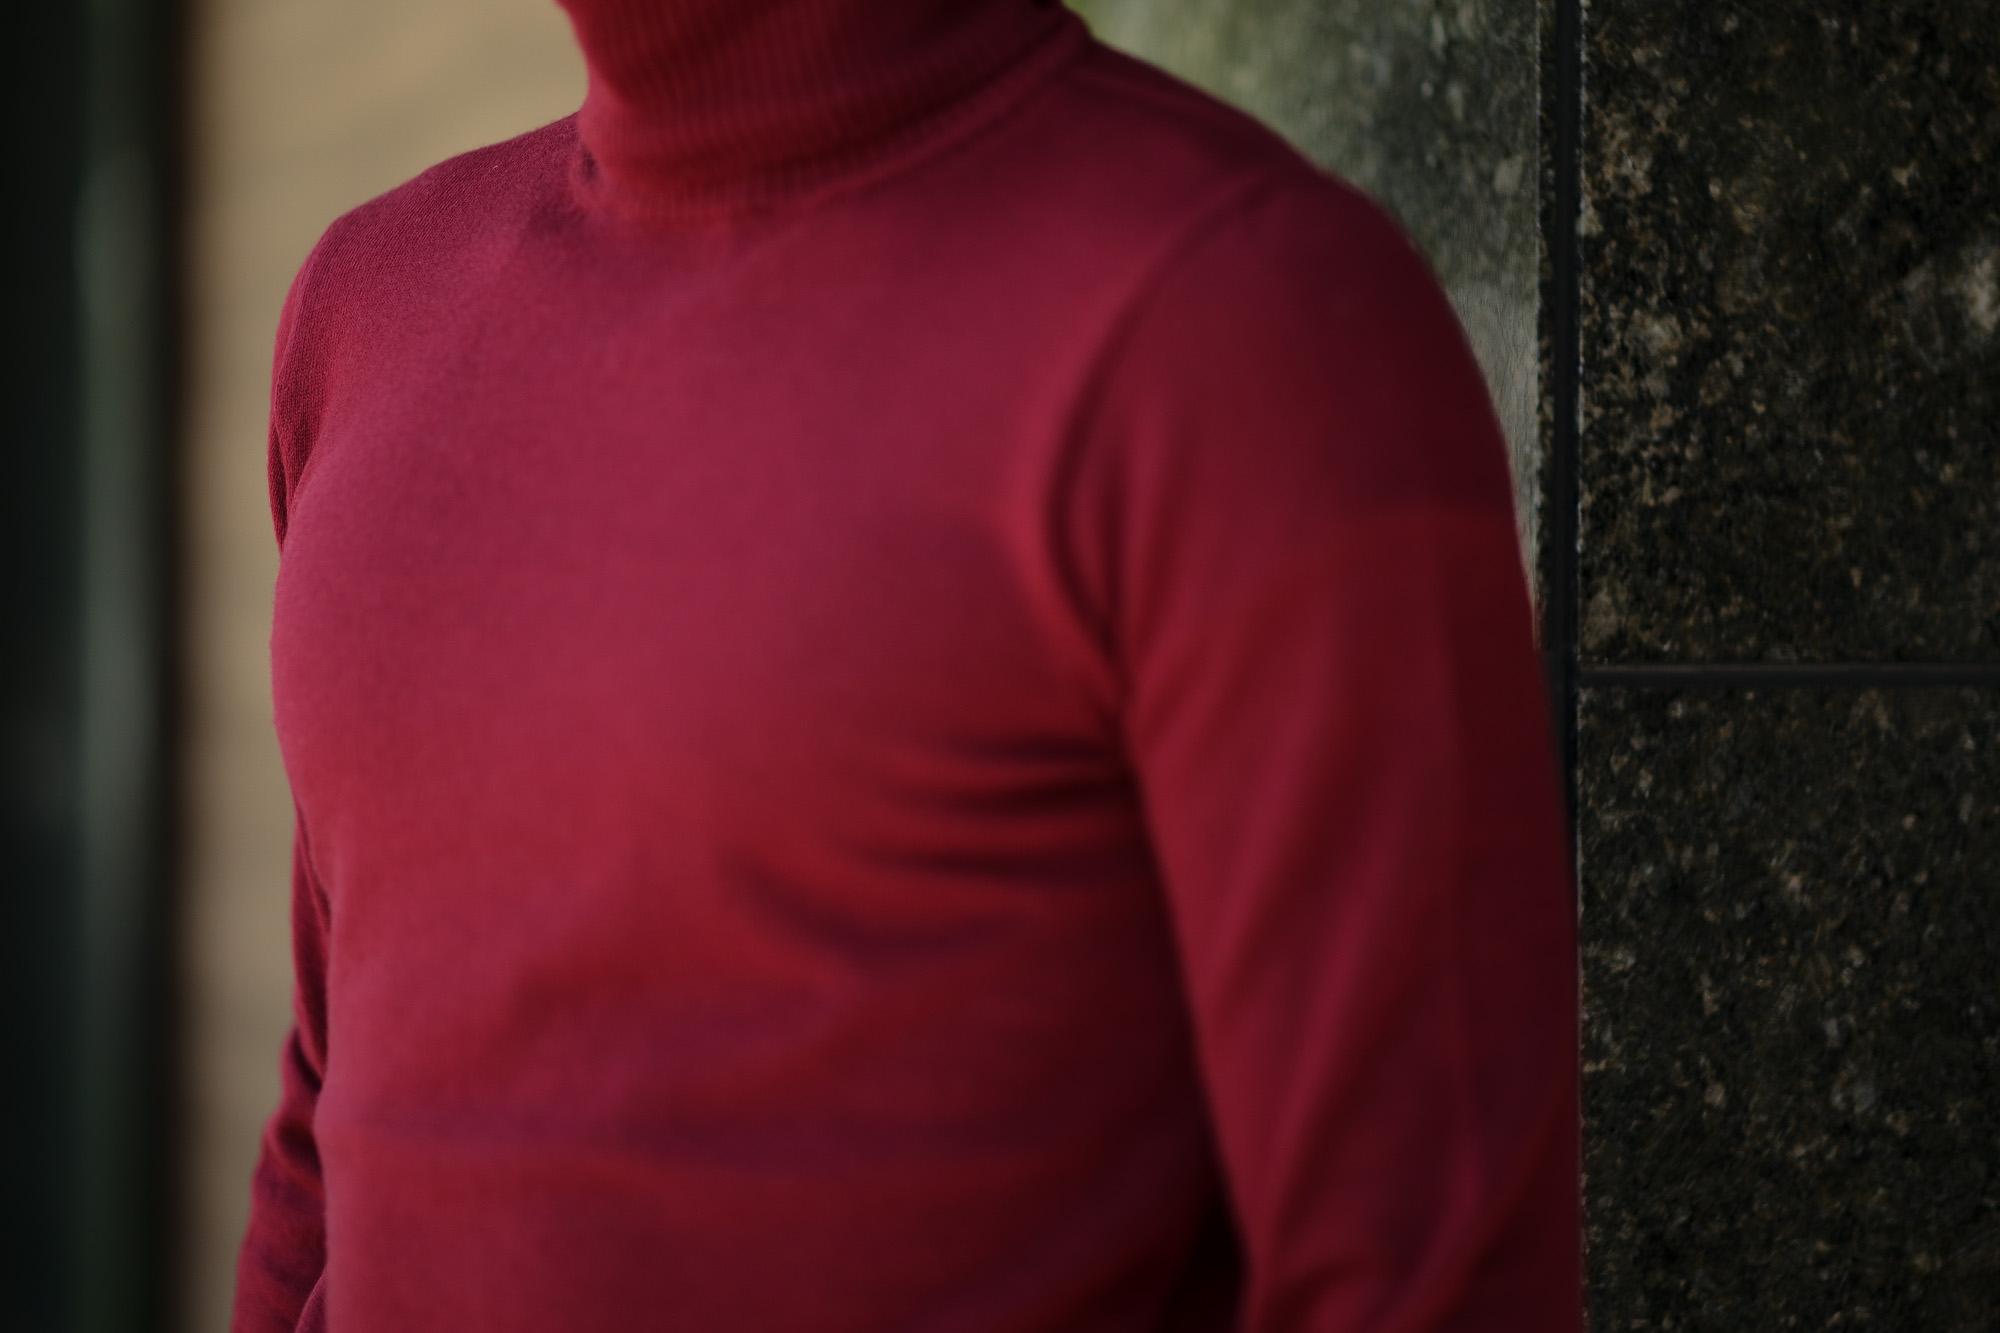 Cuervo (クエルボ) Sartoria Collection (サルトリア コレクション) John(ジョン) Turtle Neck Sweater (タートルネックセーター) ウールニット セーター BORDEAUX (ボルドー) MADE IN JAPAN (日本製) 2019 秋冬 【ご予約受付中】愛知 名古屋 altoediritto アルトエデリット